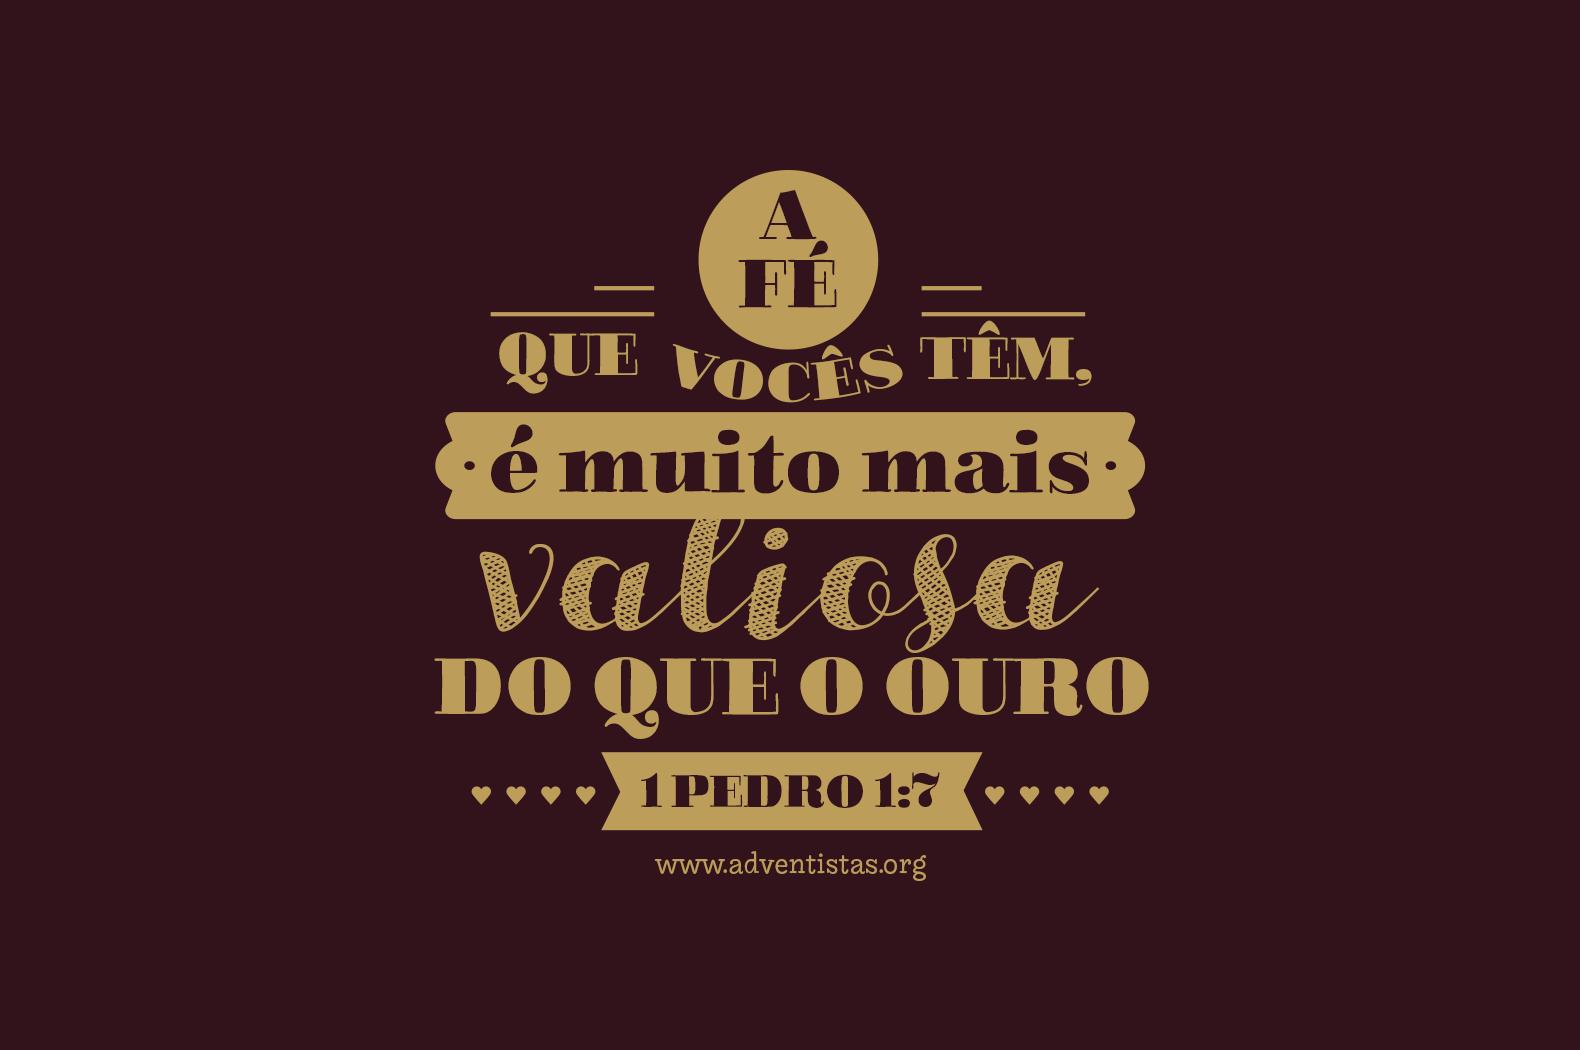 a-fe-mais-valiosa_1Pedro1v7